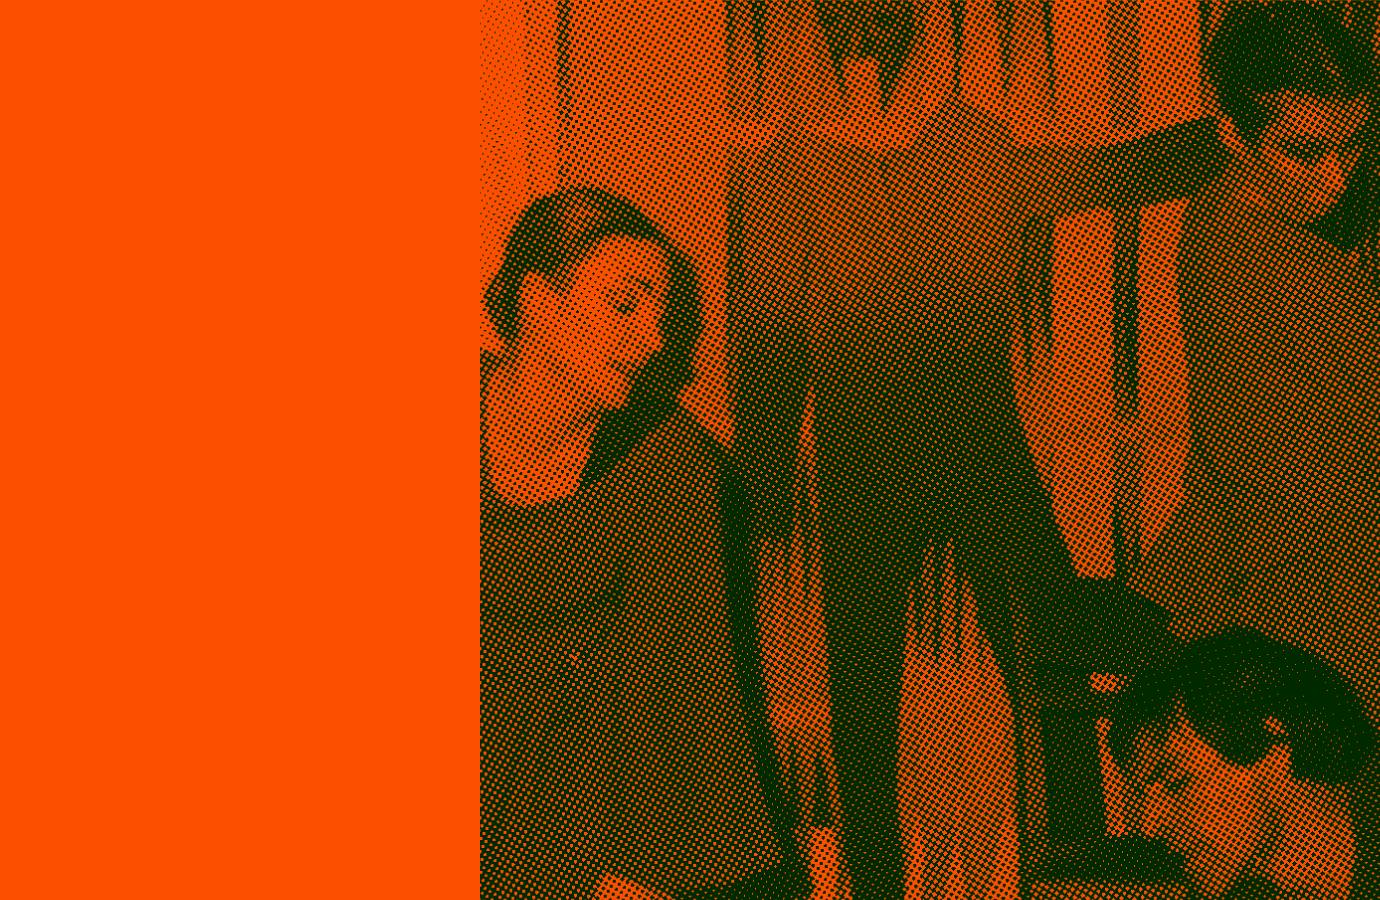 Corpuri și povești (in)vizibile - tururi performative ghidate de Andreea Novac